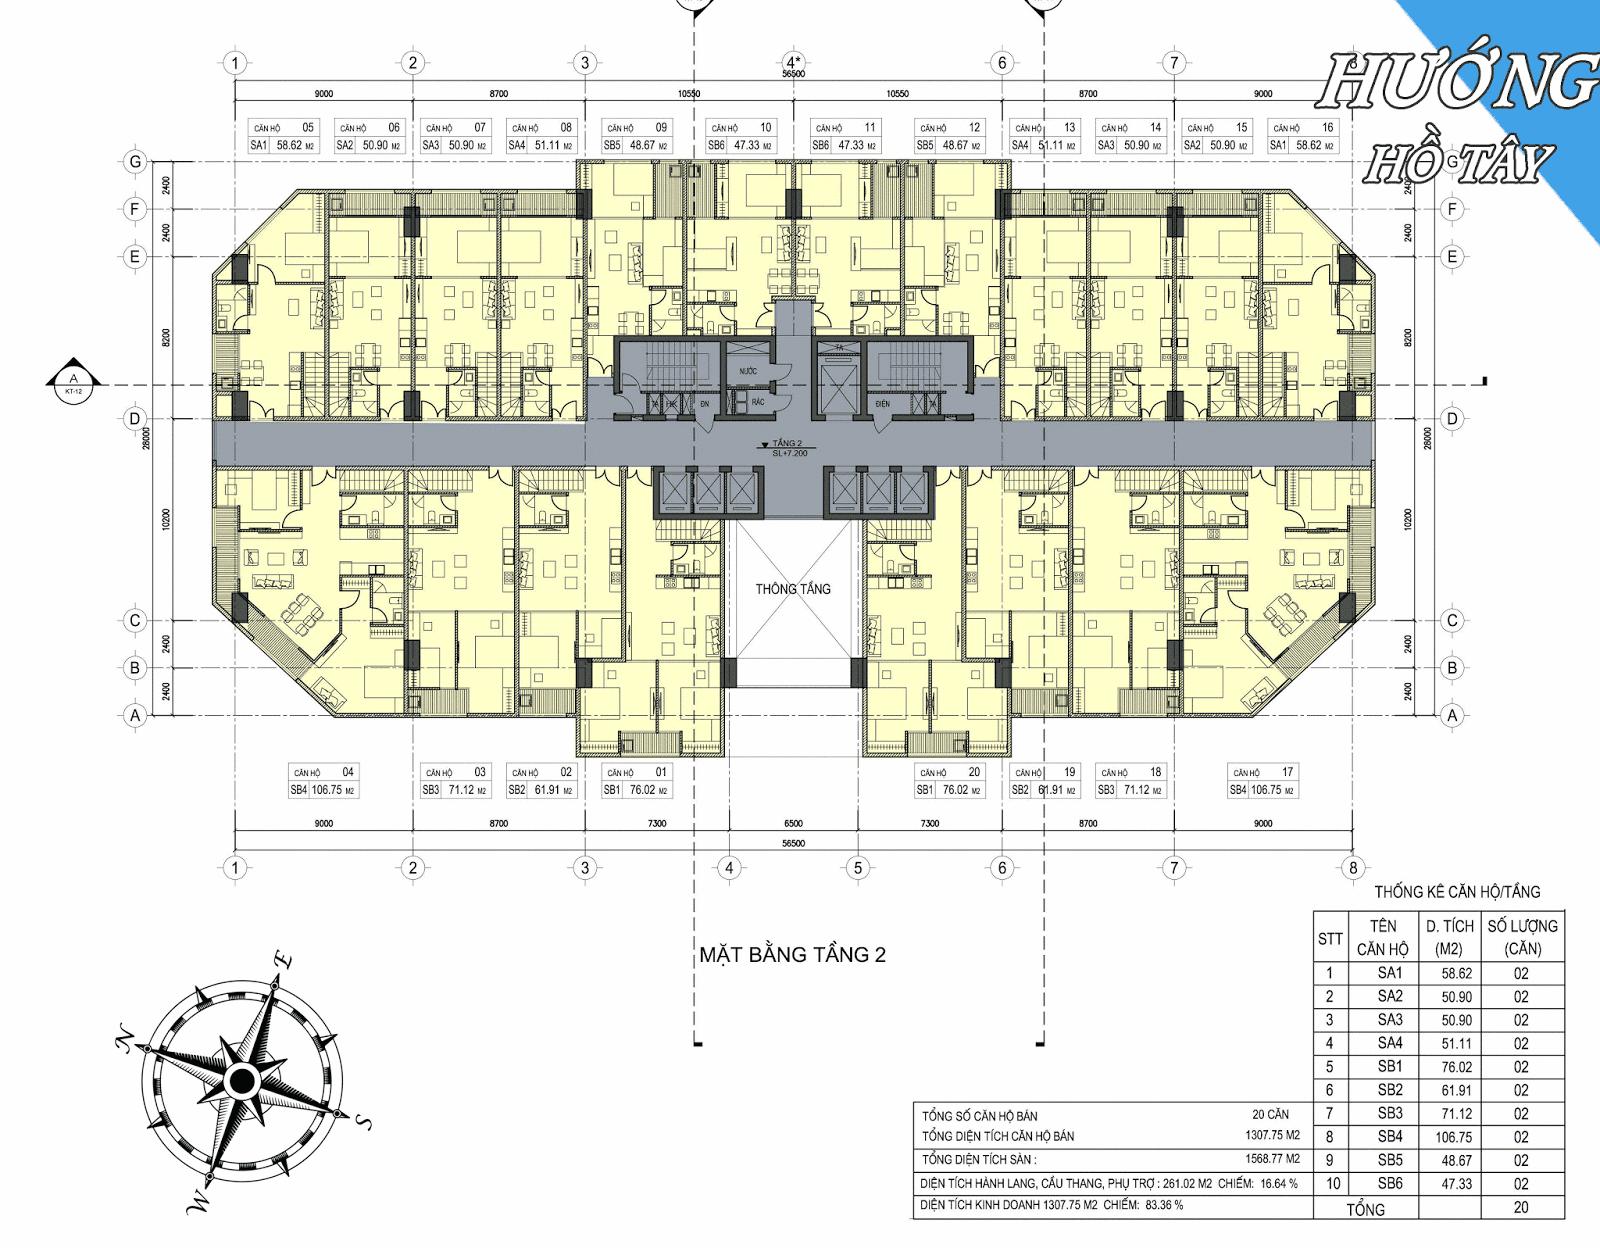 Mặt bằng tầng 2 dự án D'eldorado Phú Thanh.